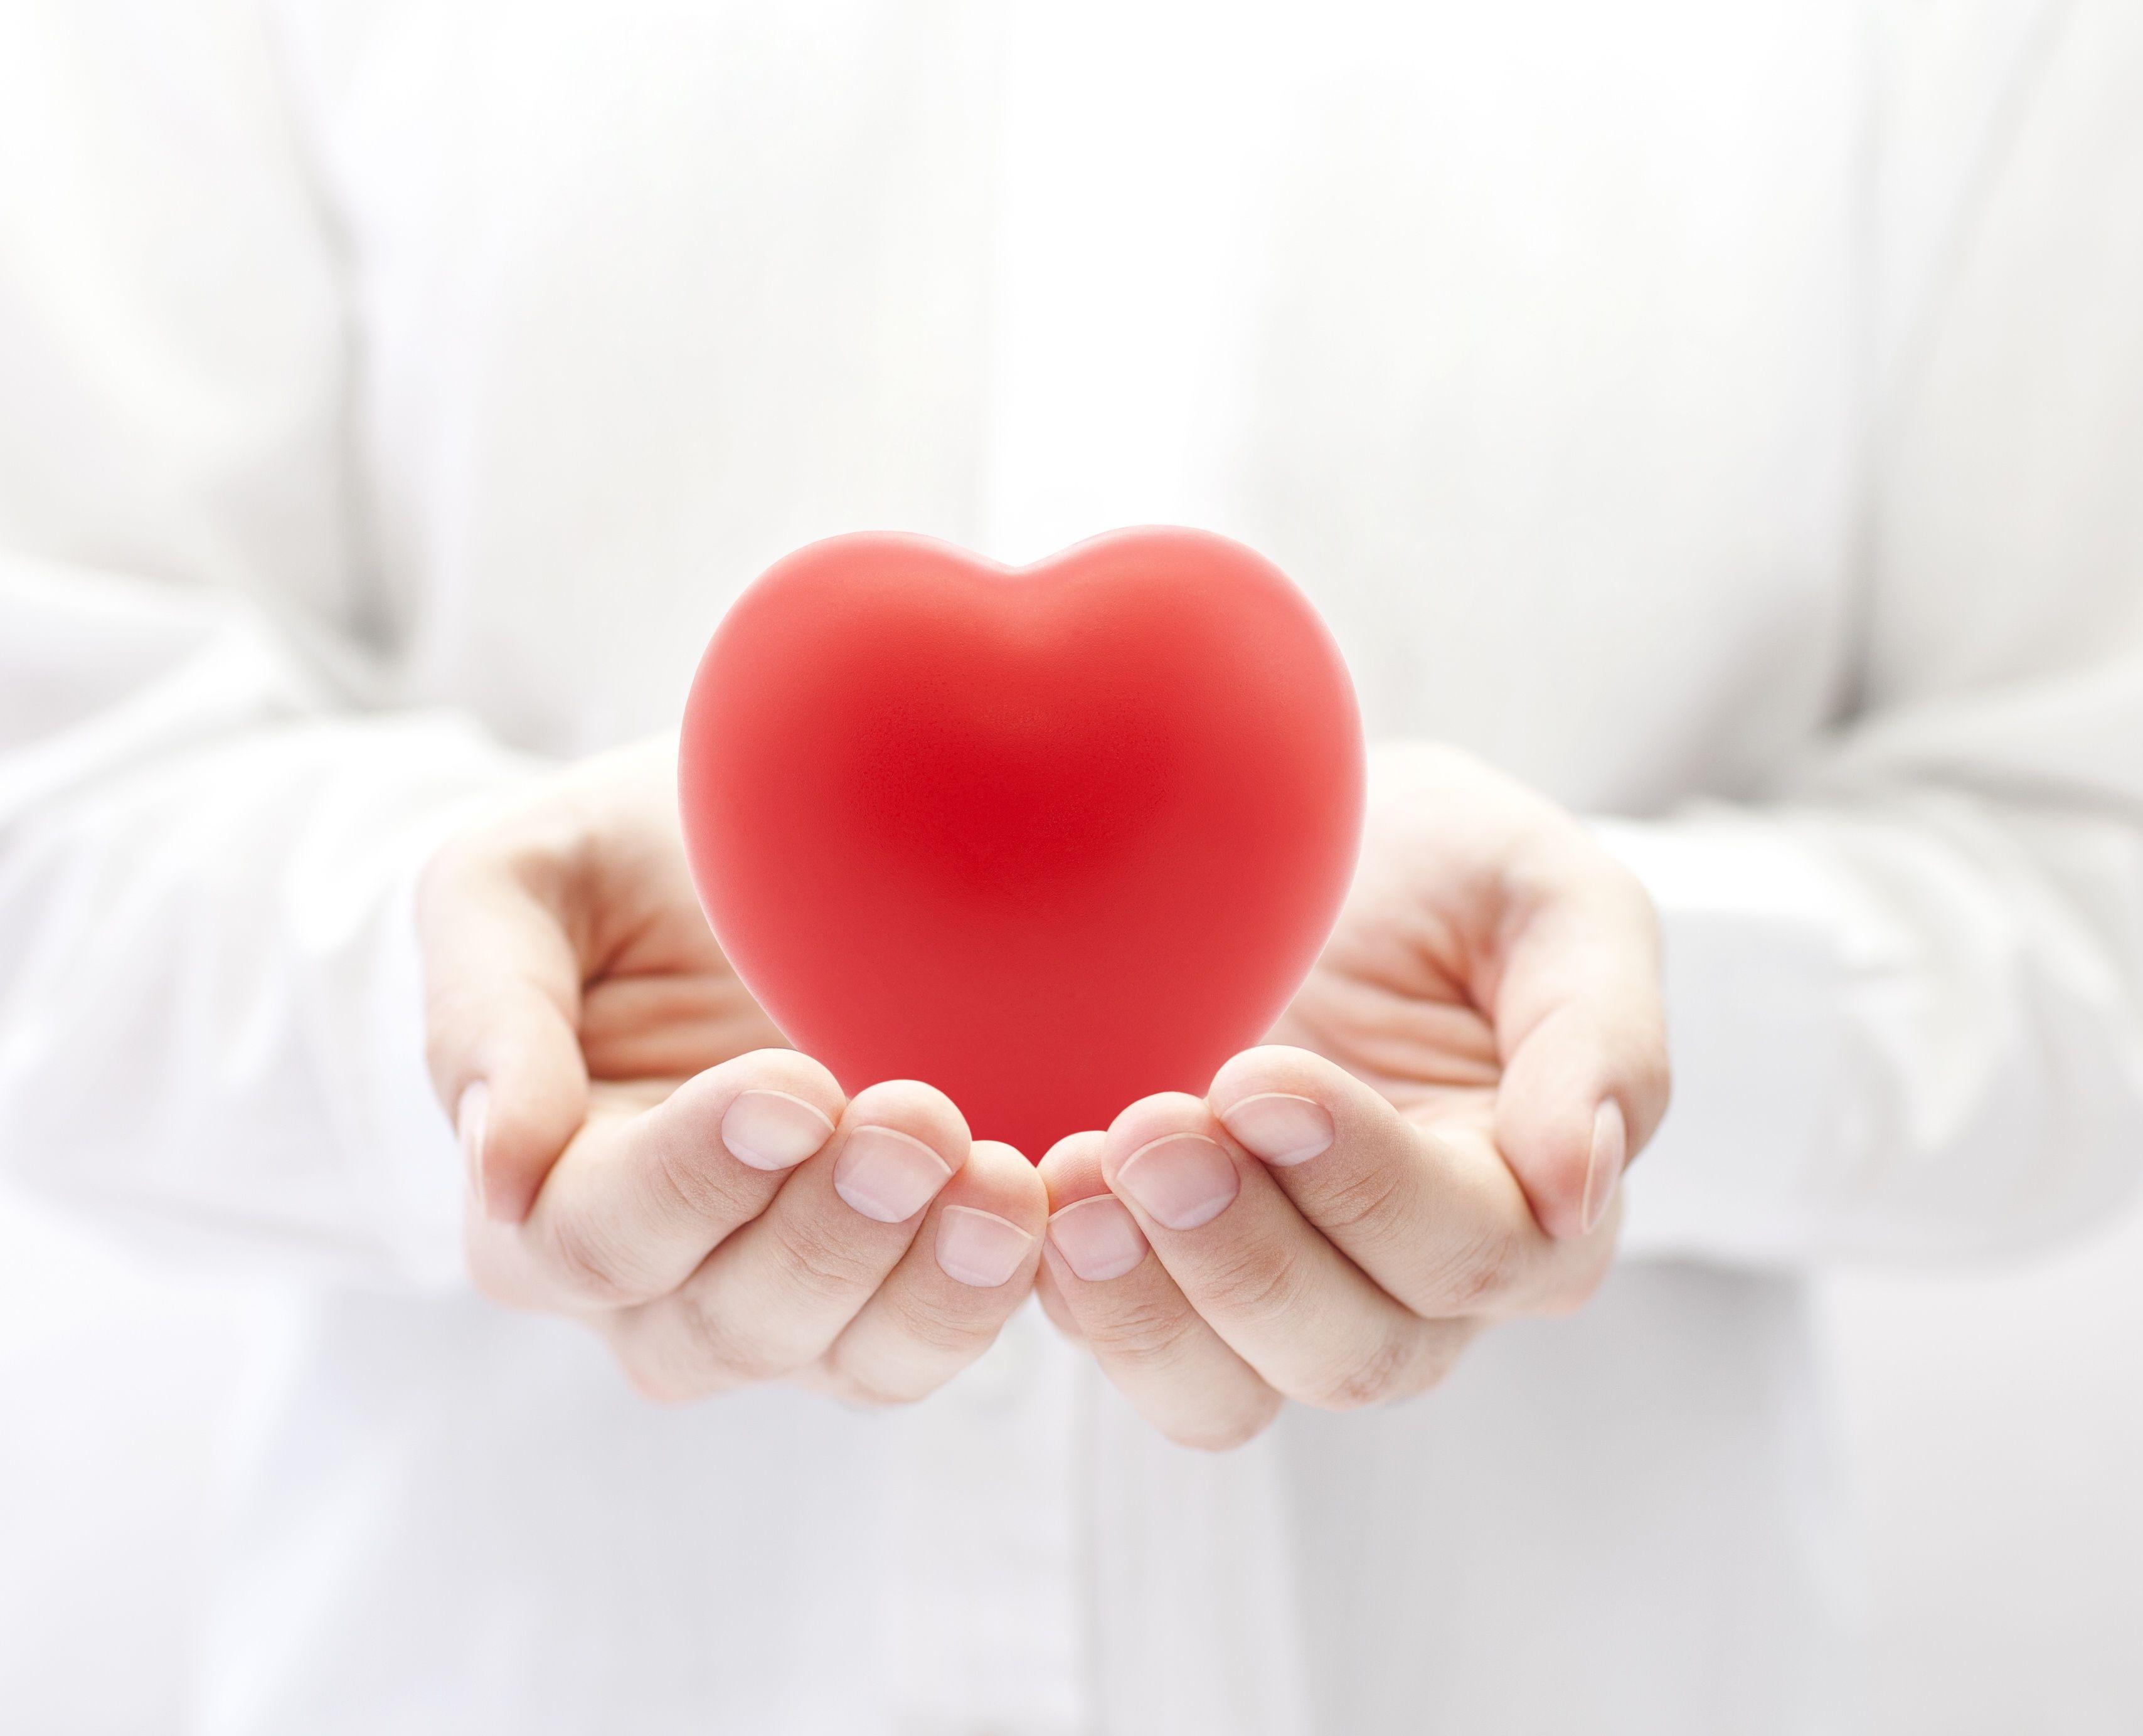 Zdjęcie przedstawia otwarte dłonie podające odbiorcy serce, symbol przekazywanego organu.